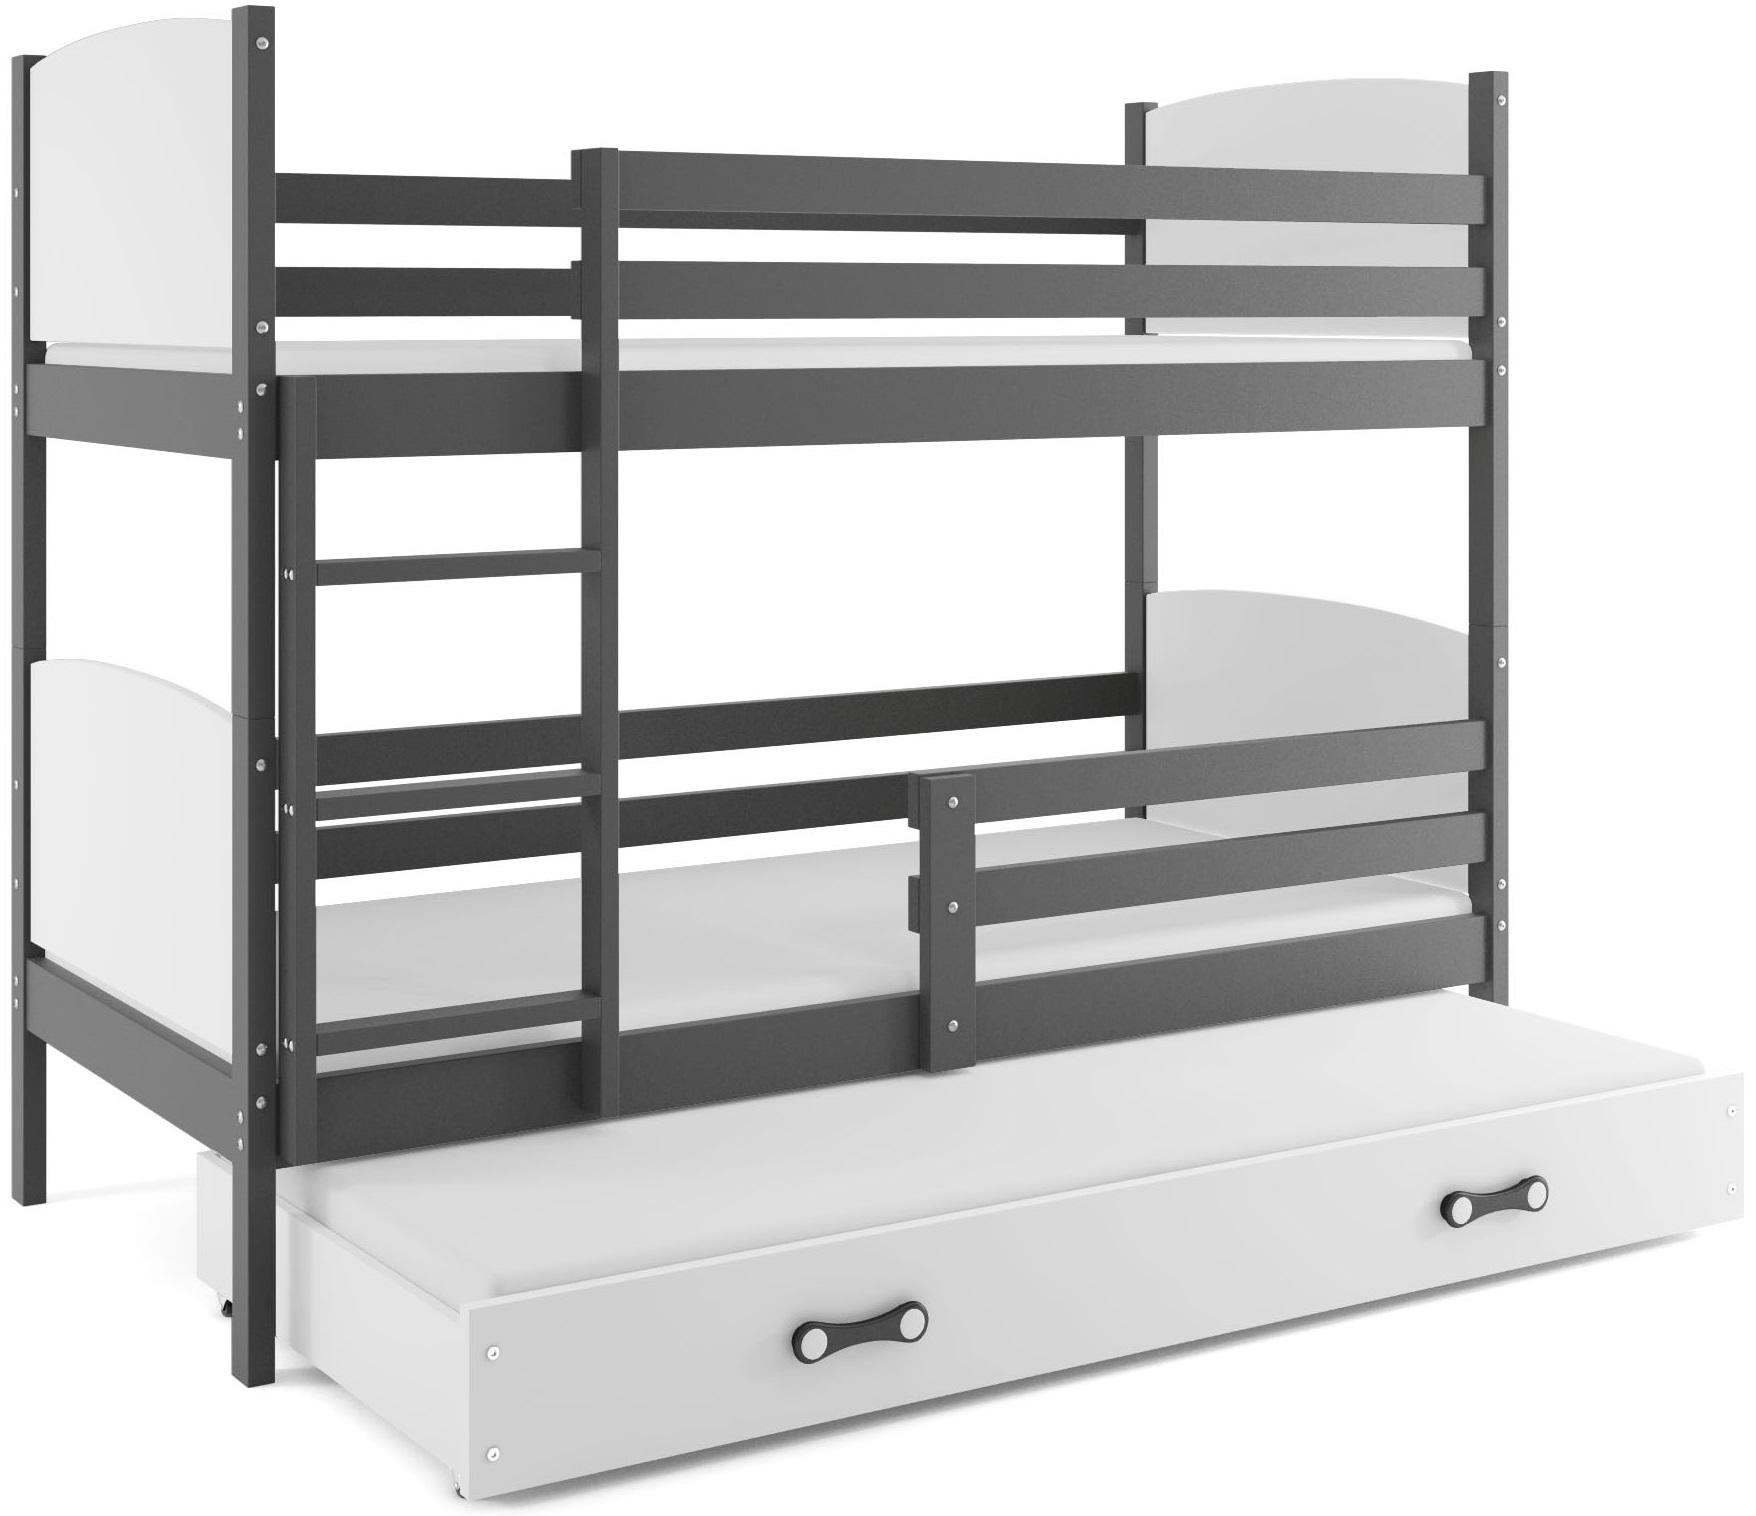 Detská poschodová posteľ Tami 3 BMS 80 x 160 Farba: Jelša